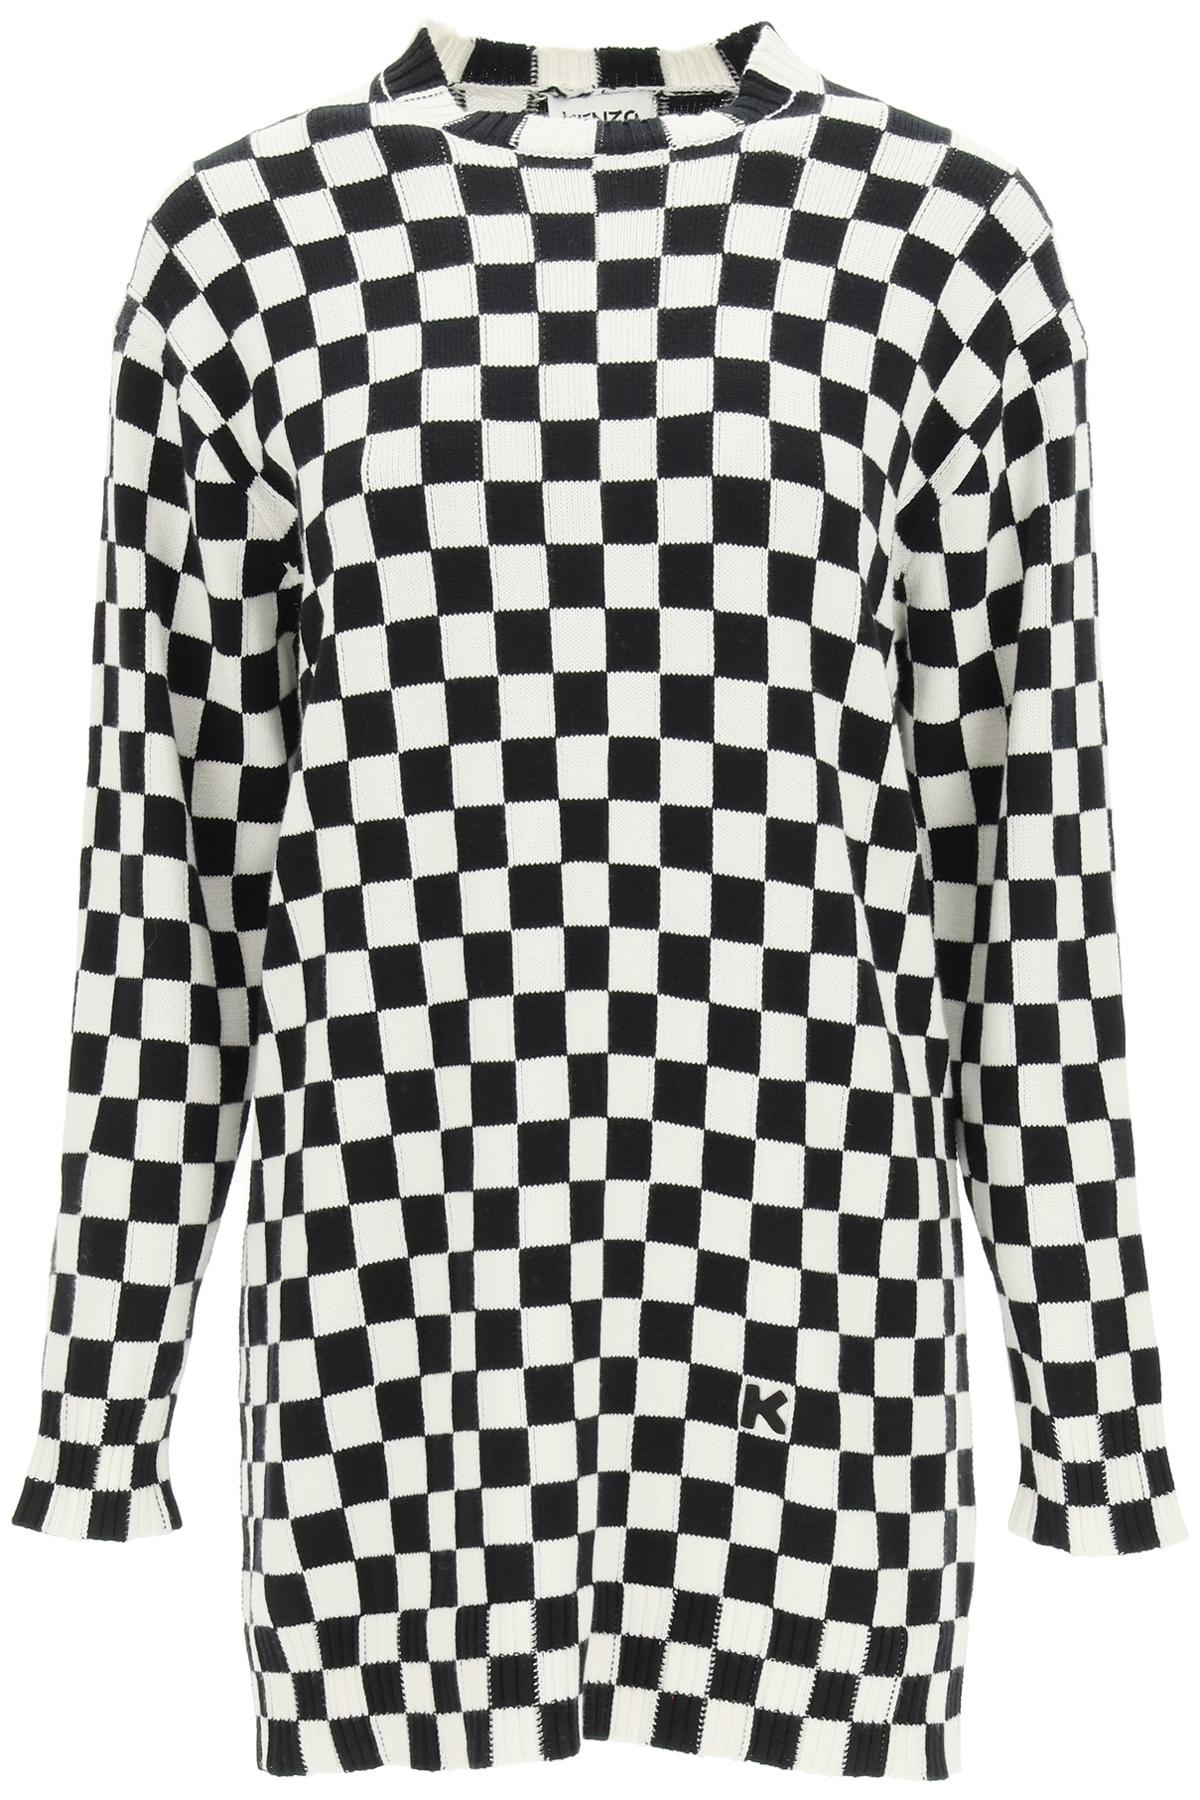 Kenzo maglione a scacchi